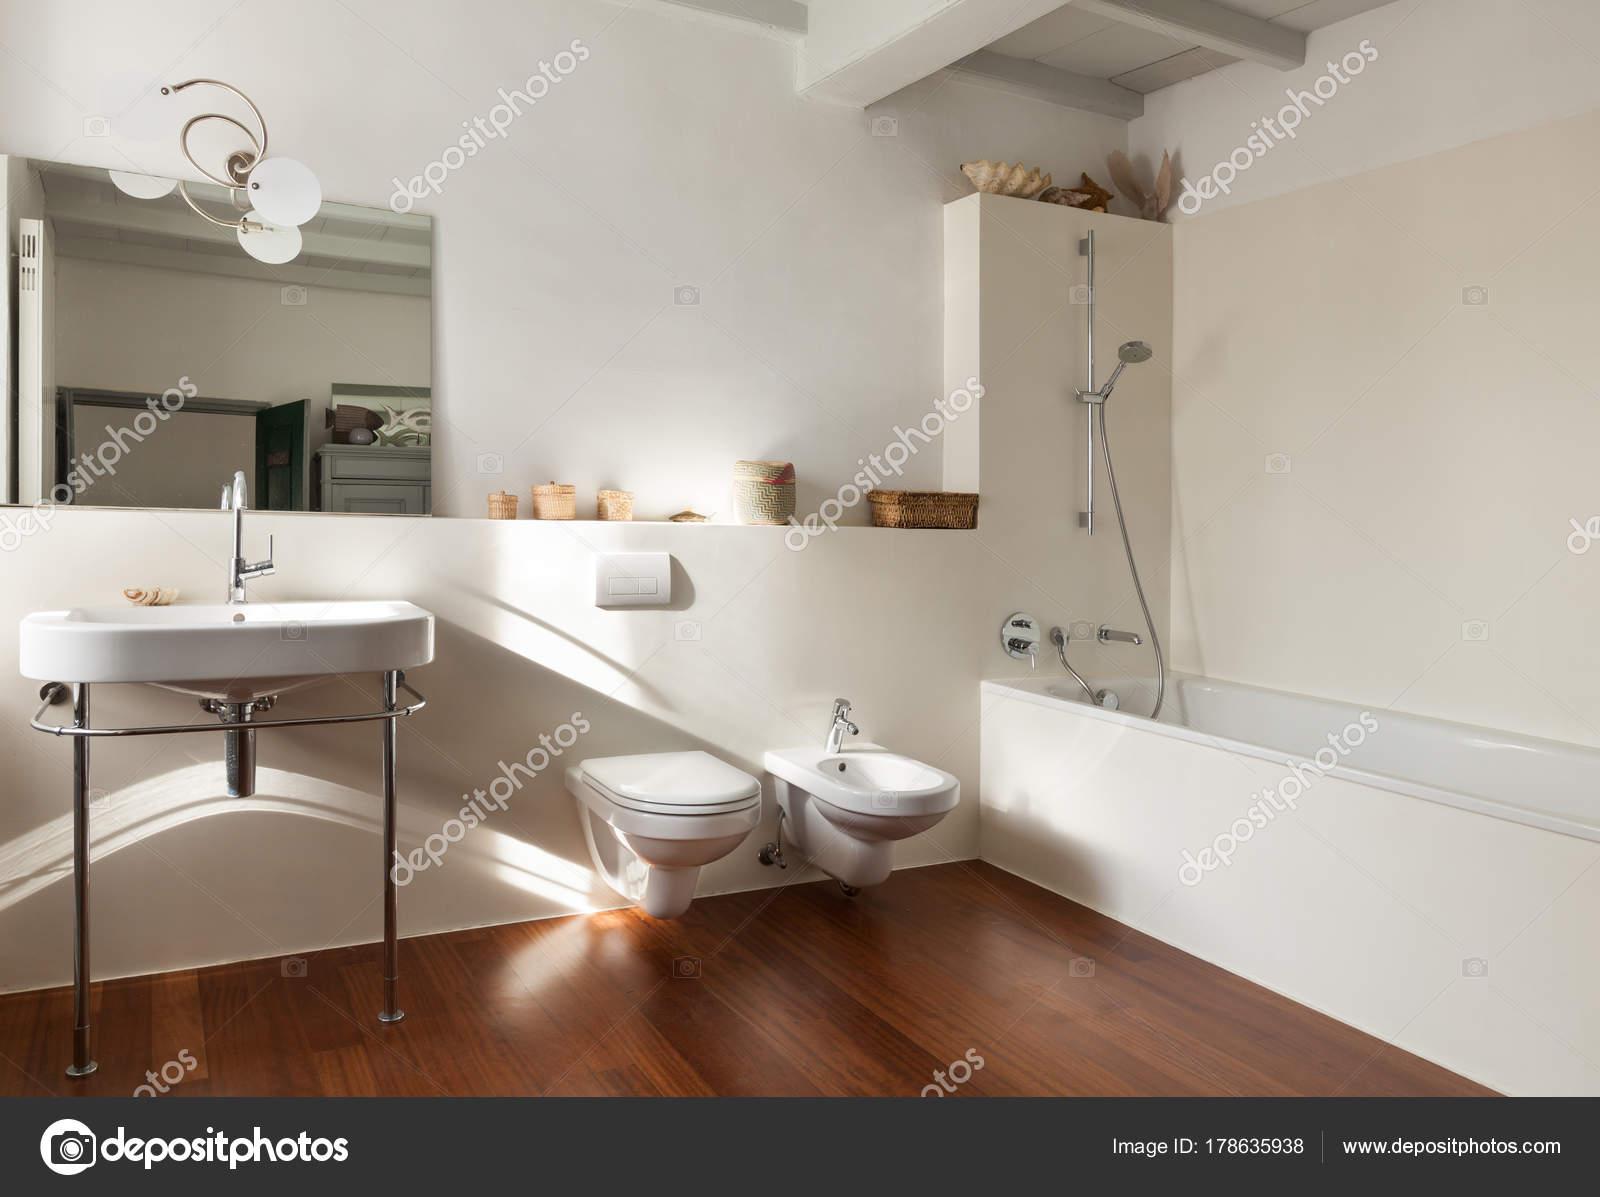 Mooie loft, badkamer — Stockfoto © Zveiger #178635938